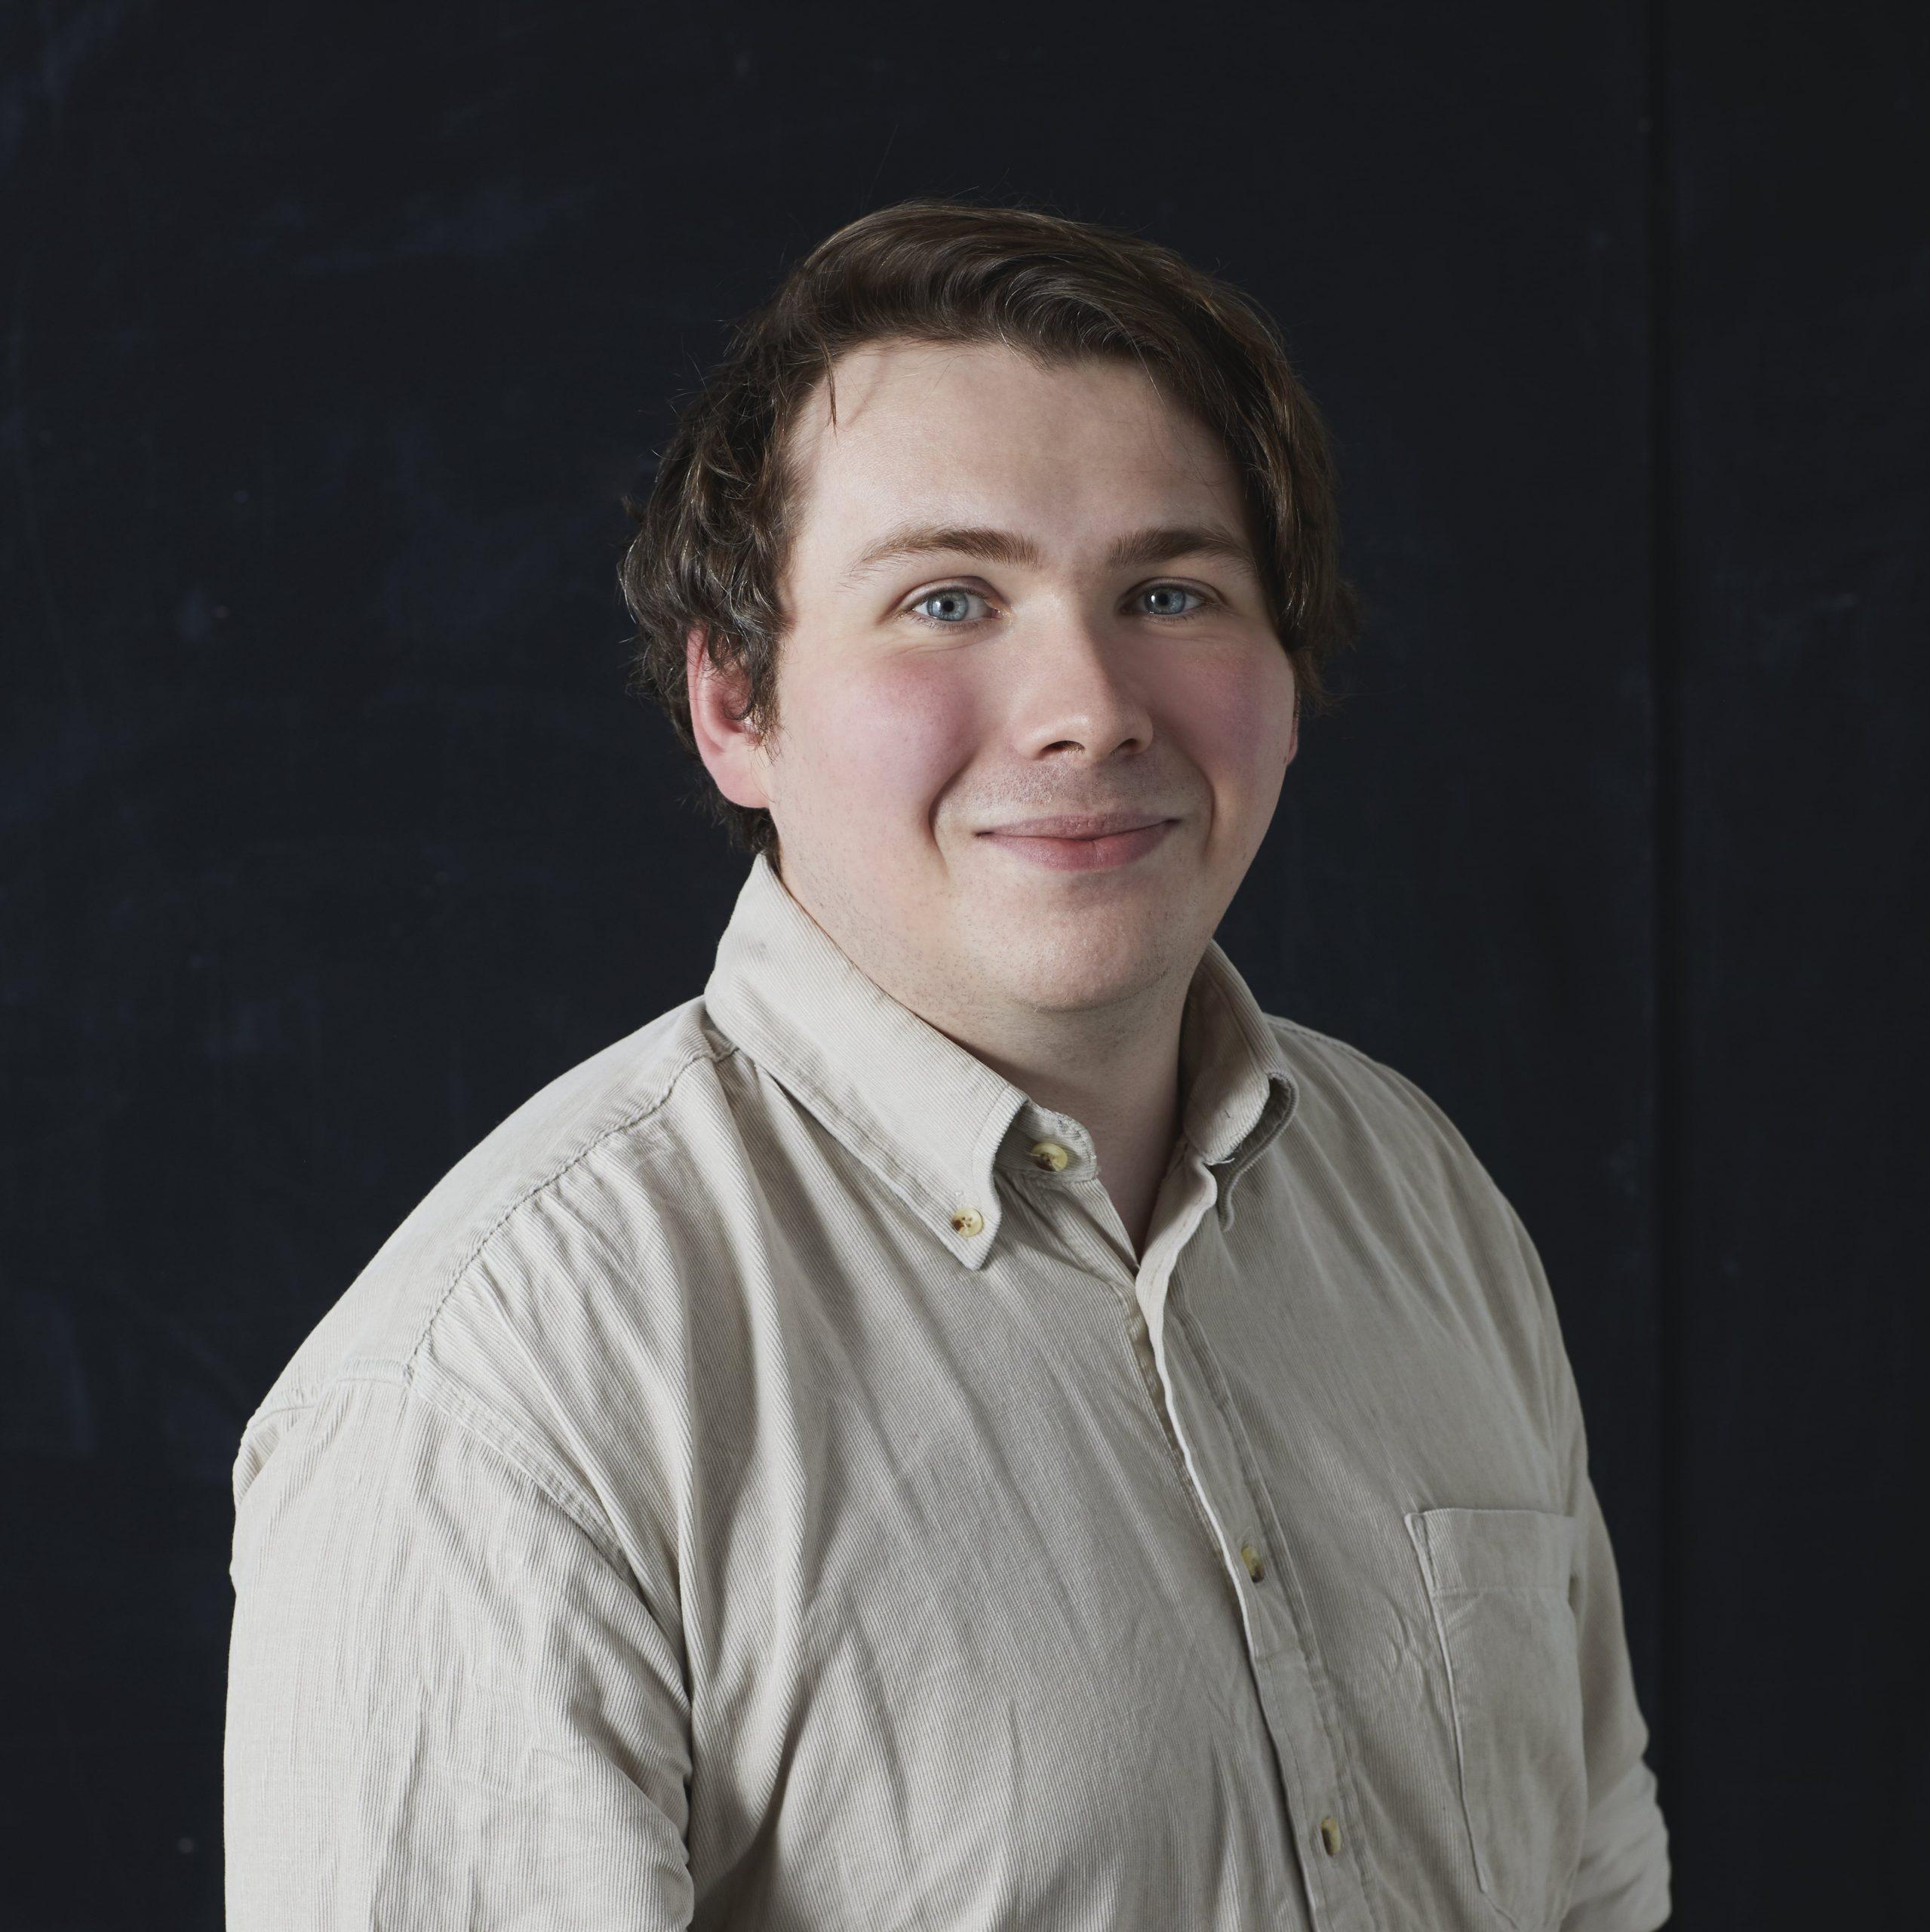 Charlie O'Toole Profile Image